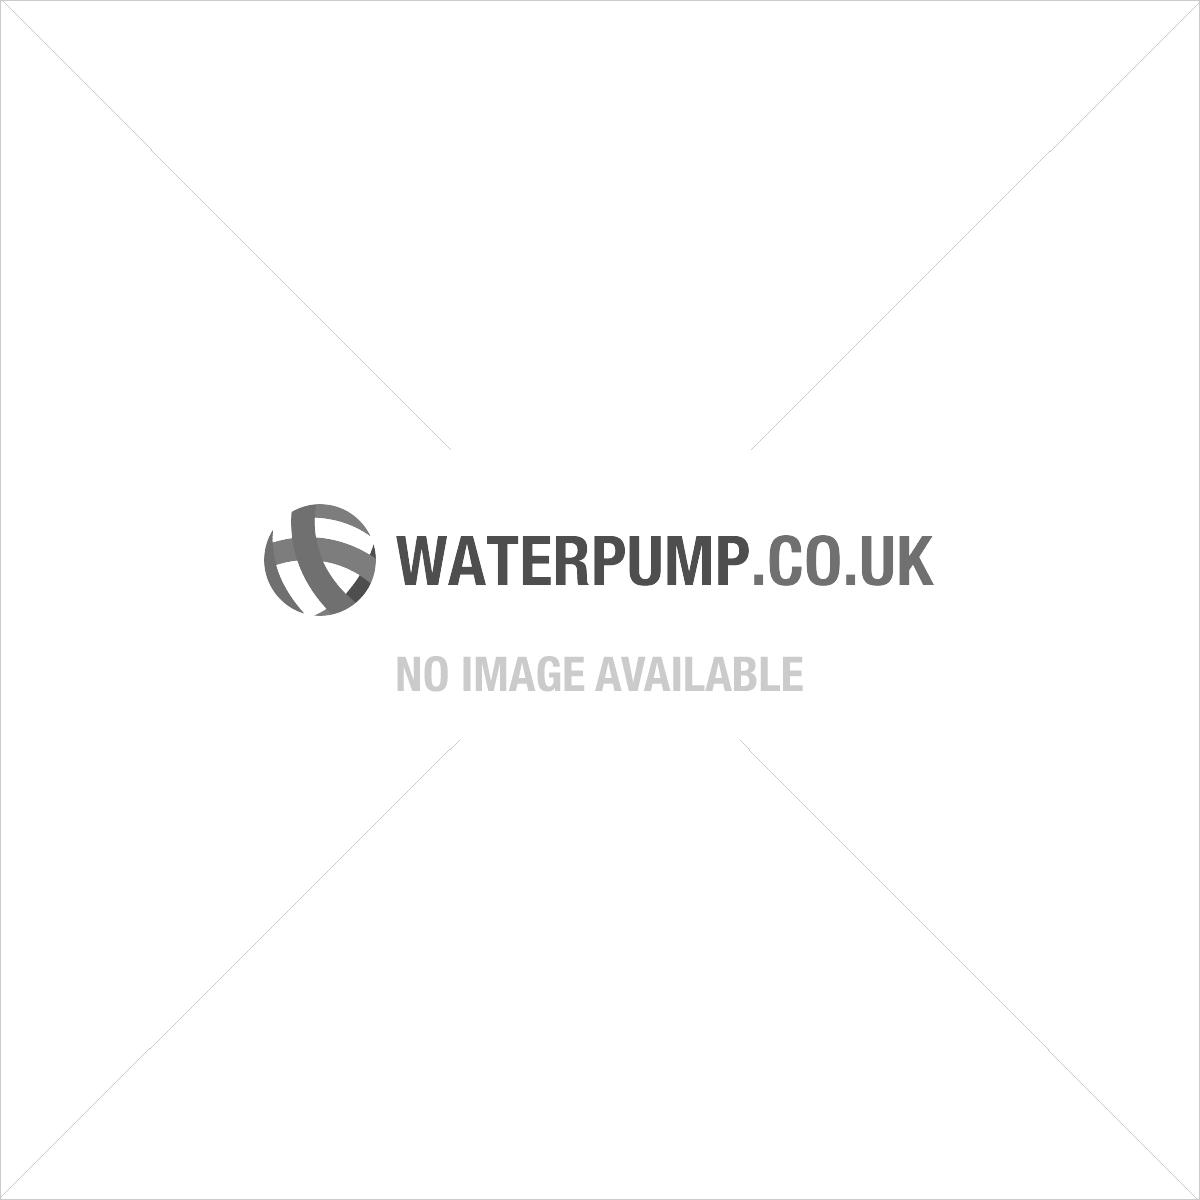 50m flat drain hose - 1.5